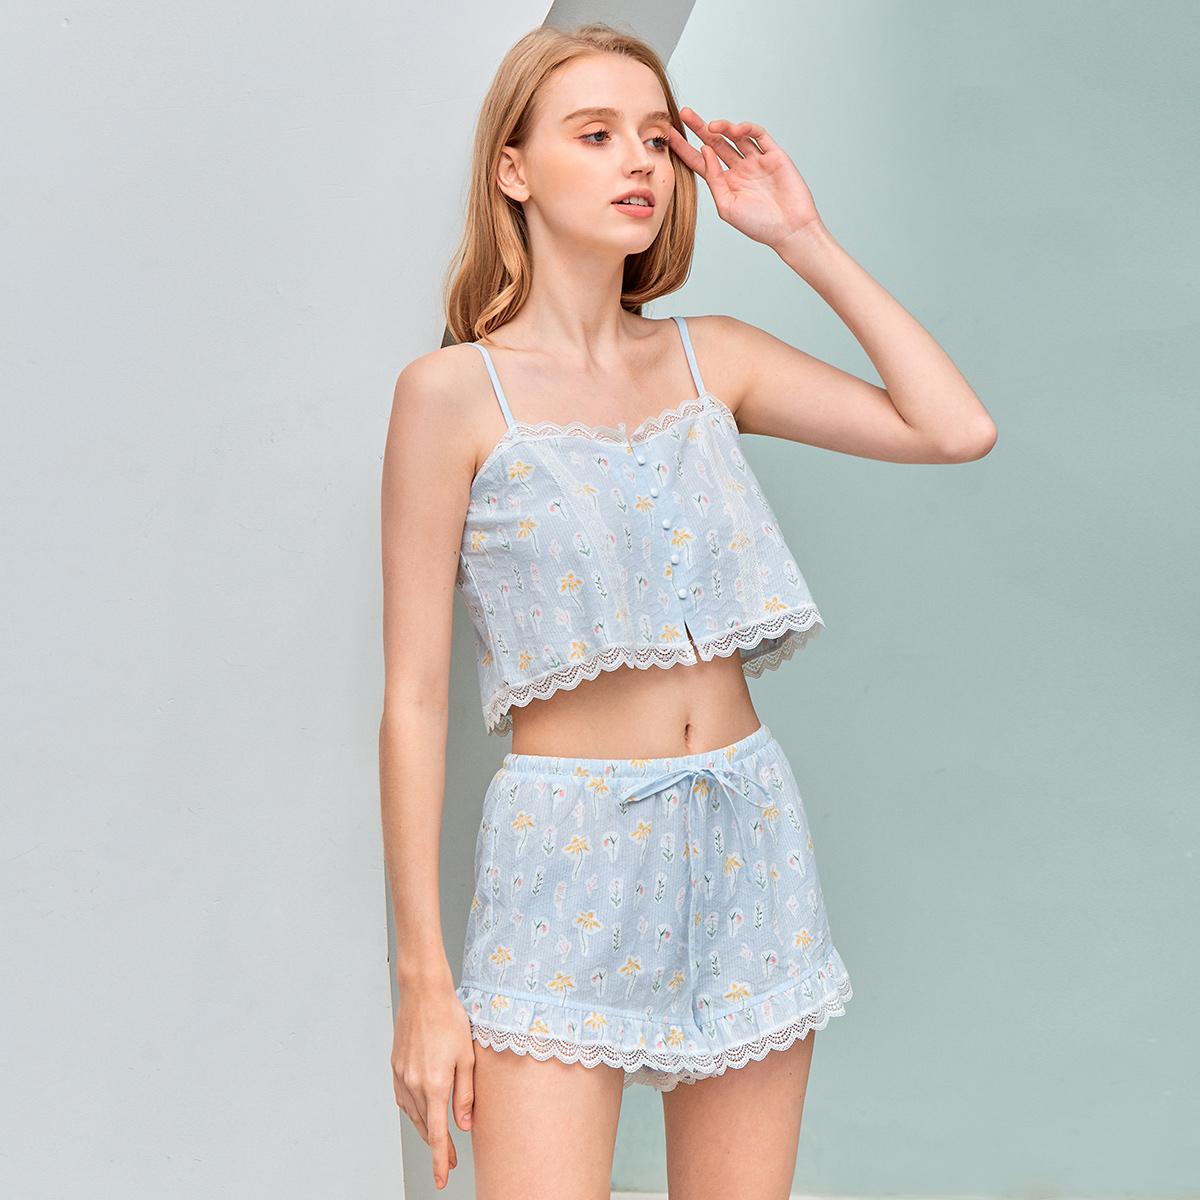 涼快親膚的夏季睡衣